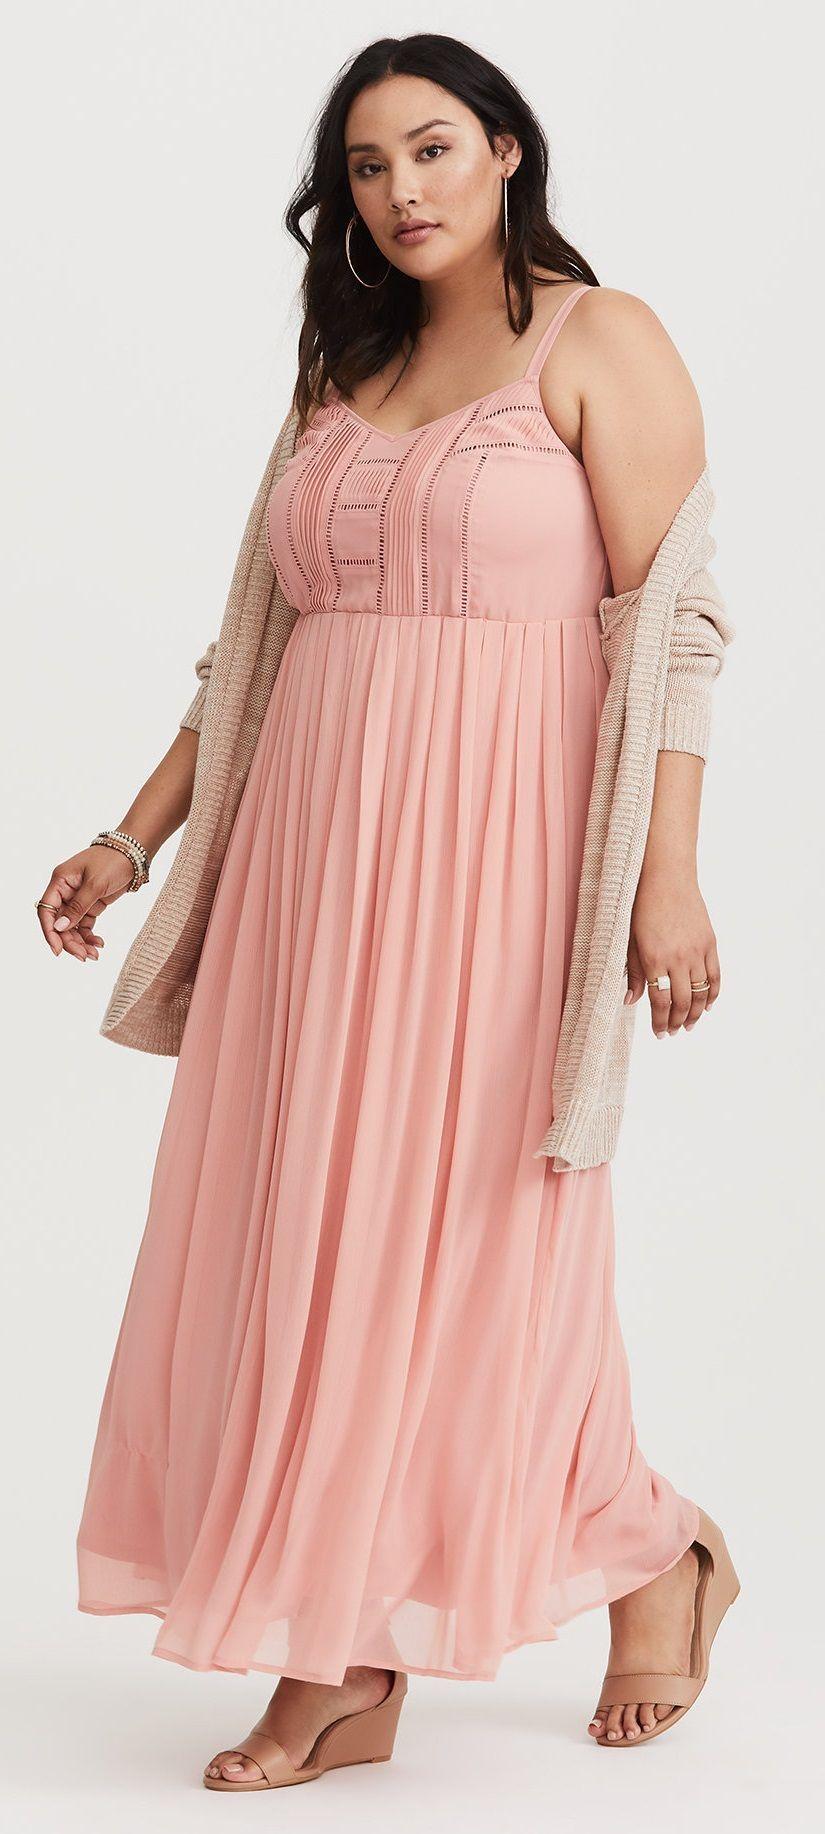 094b2fd20310 Plus Size Chiffon Maxi Dress | Plus Size Fashion | Dresses, Chiffon ...